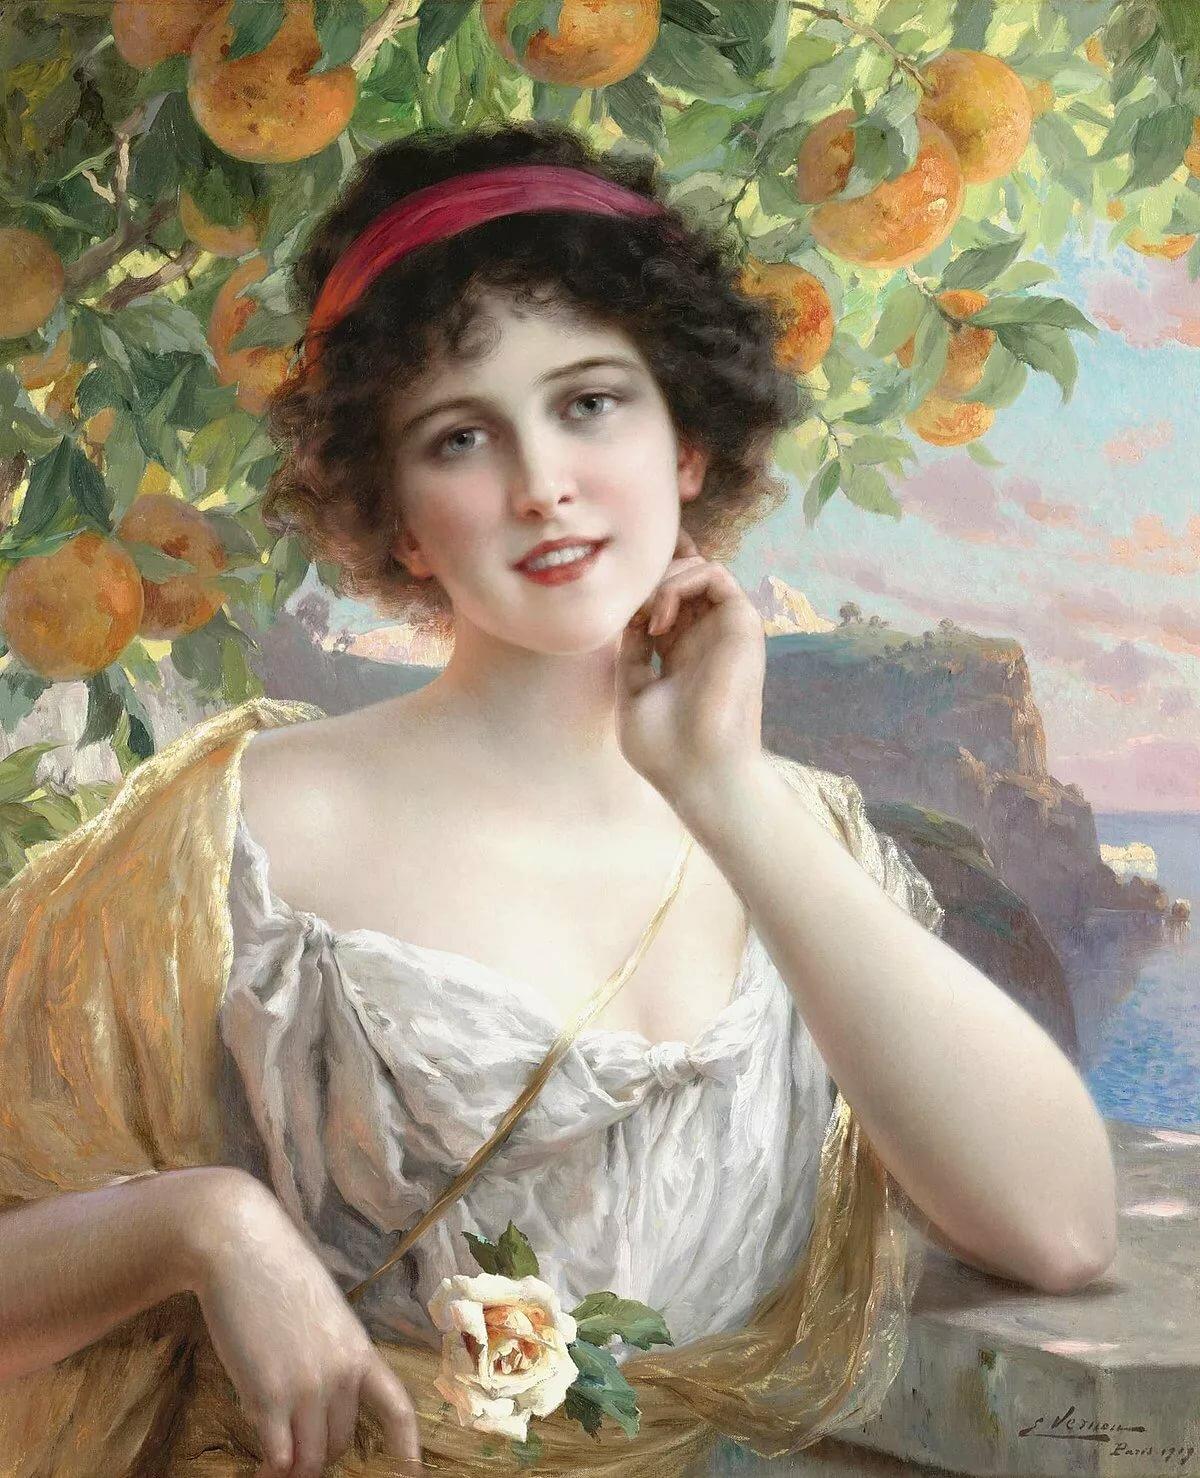 Красивые картинки с изображением женщины